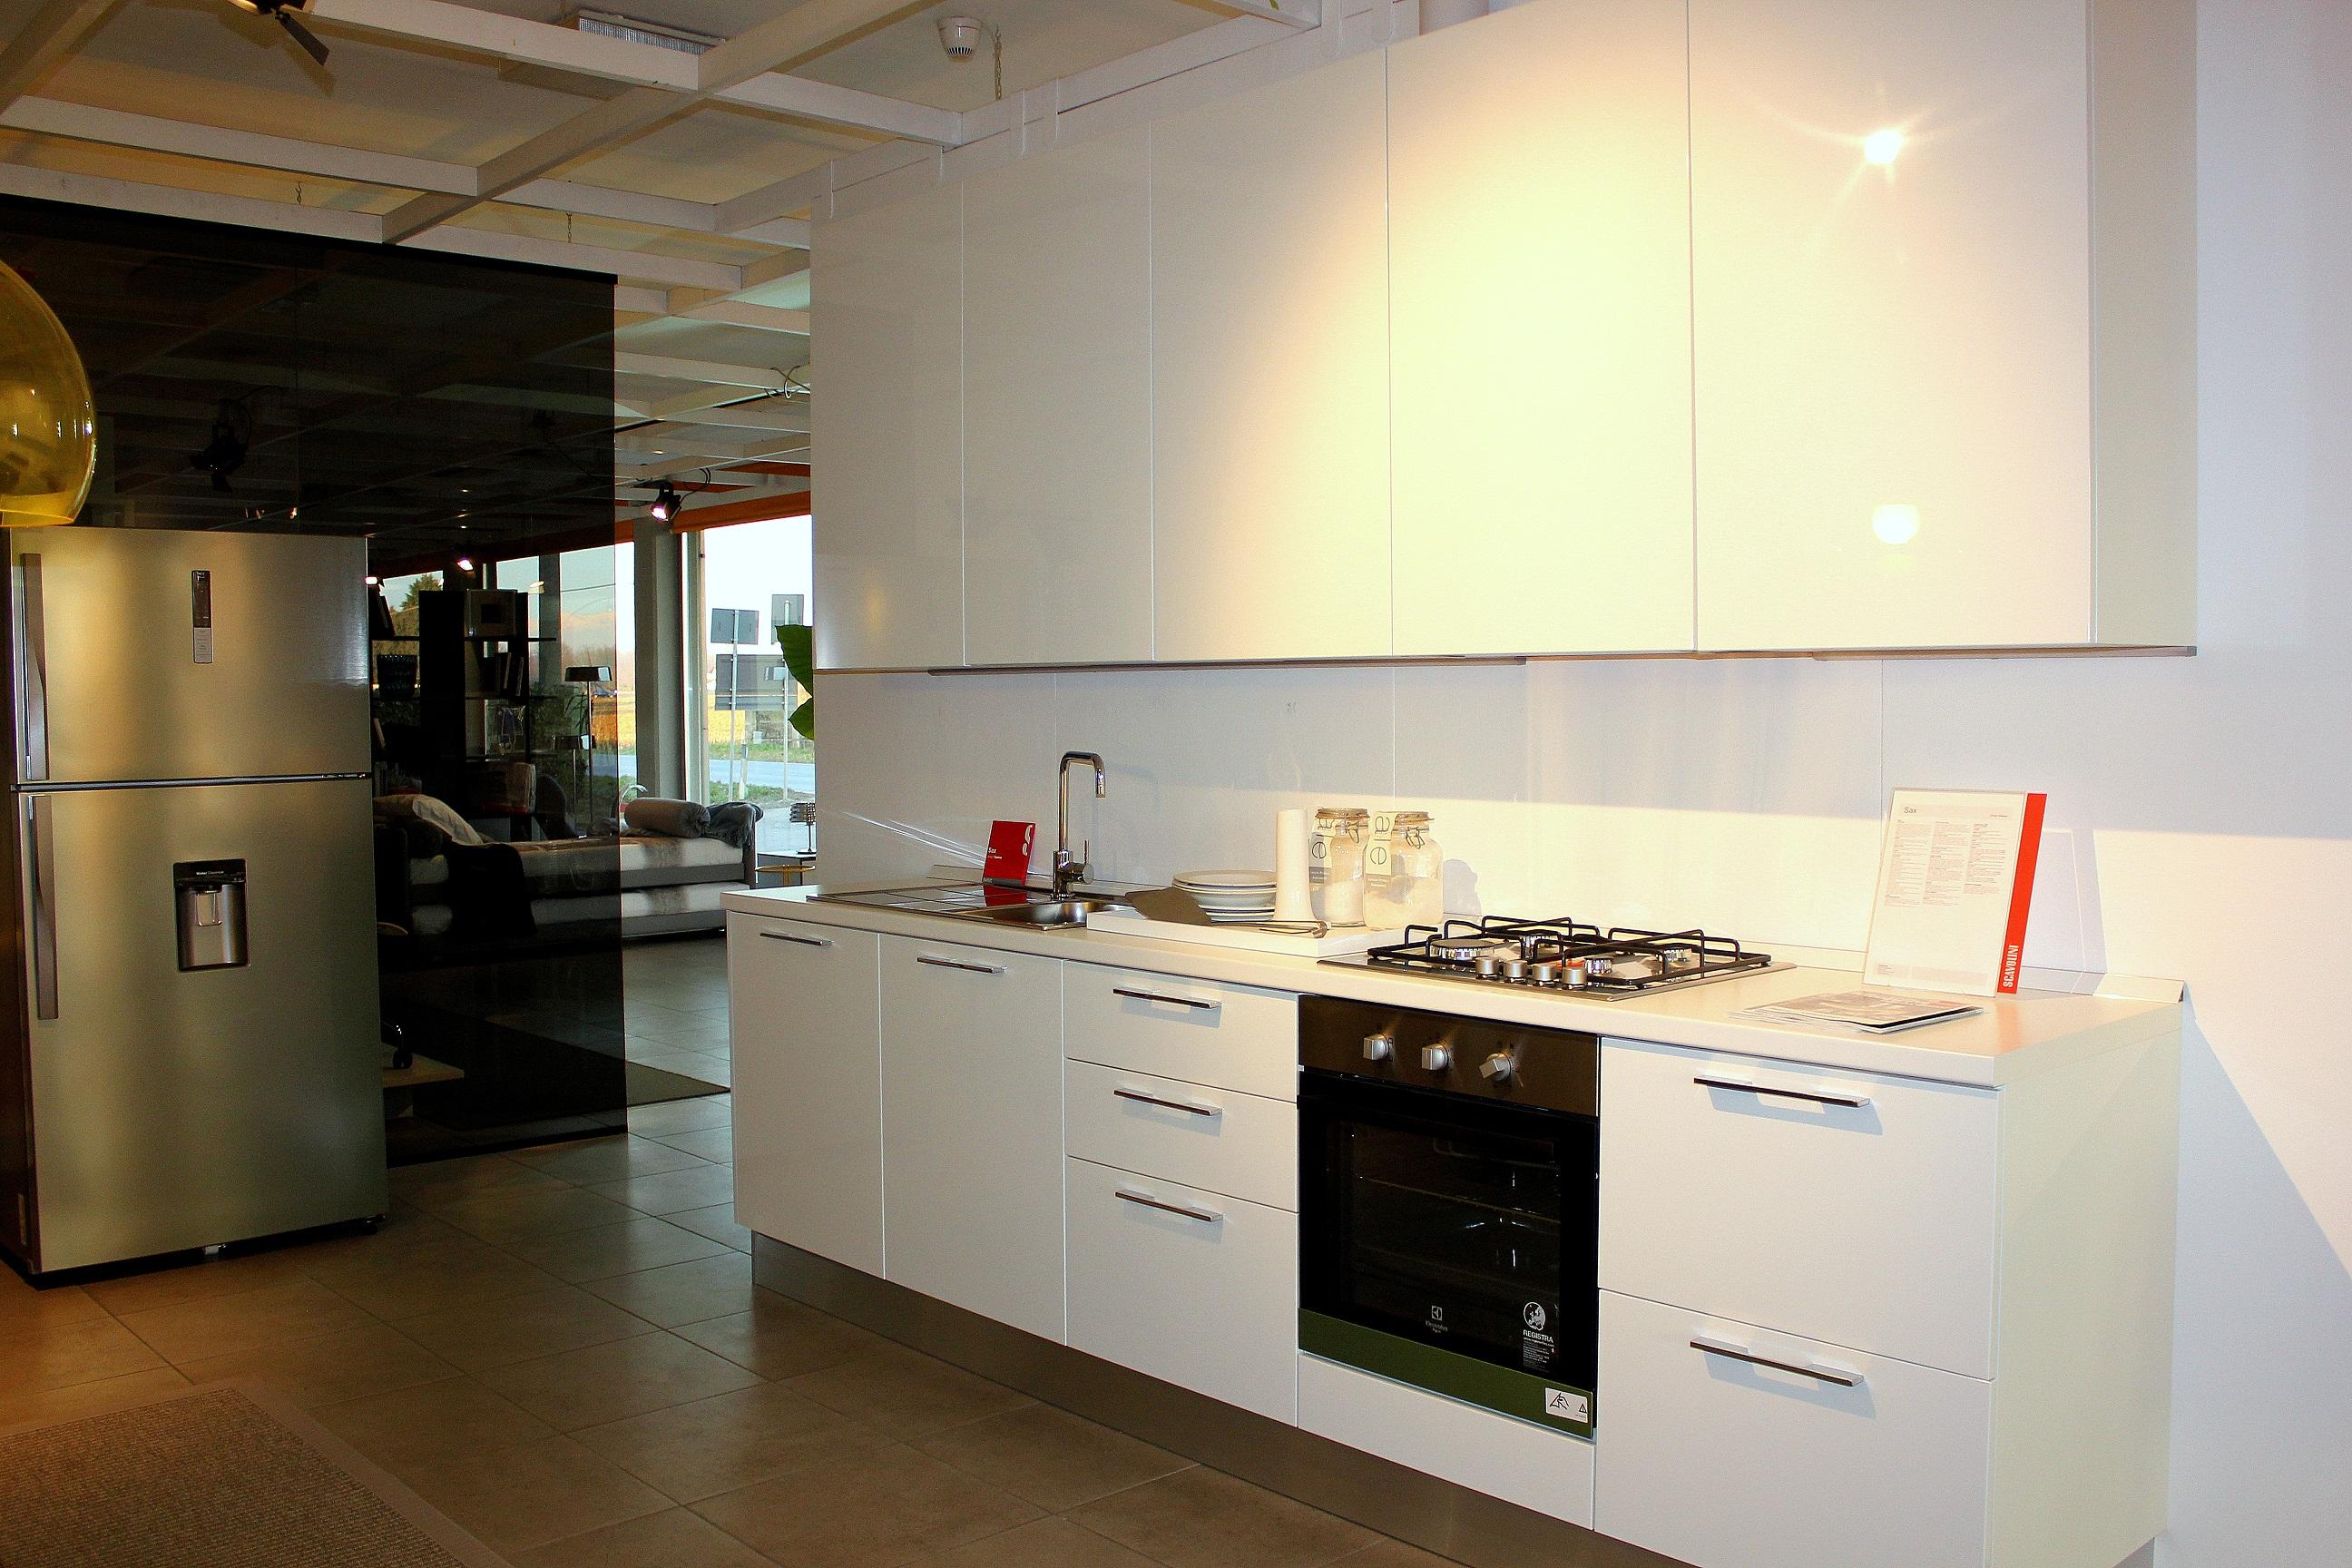 Offerte arredamento milano moderno prezzi e promozioni - Cucine scavolini prezzi offerte ...